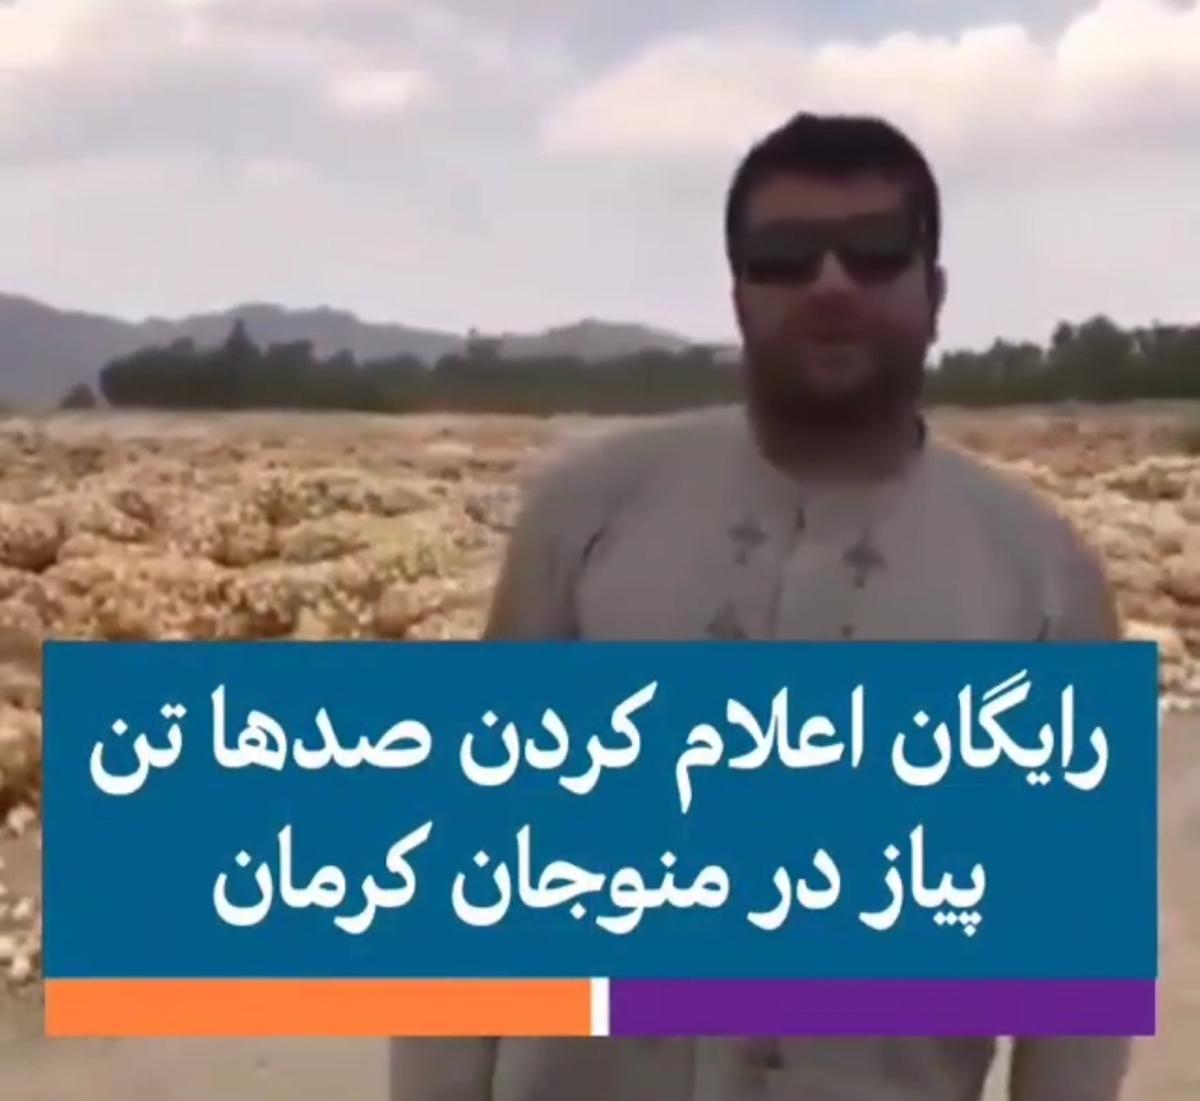 رایگان اعلام کردن صدها تن پیاز در پی تلنبار شدن + ویدئو